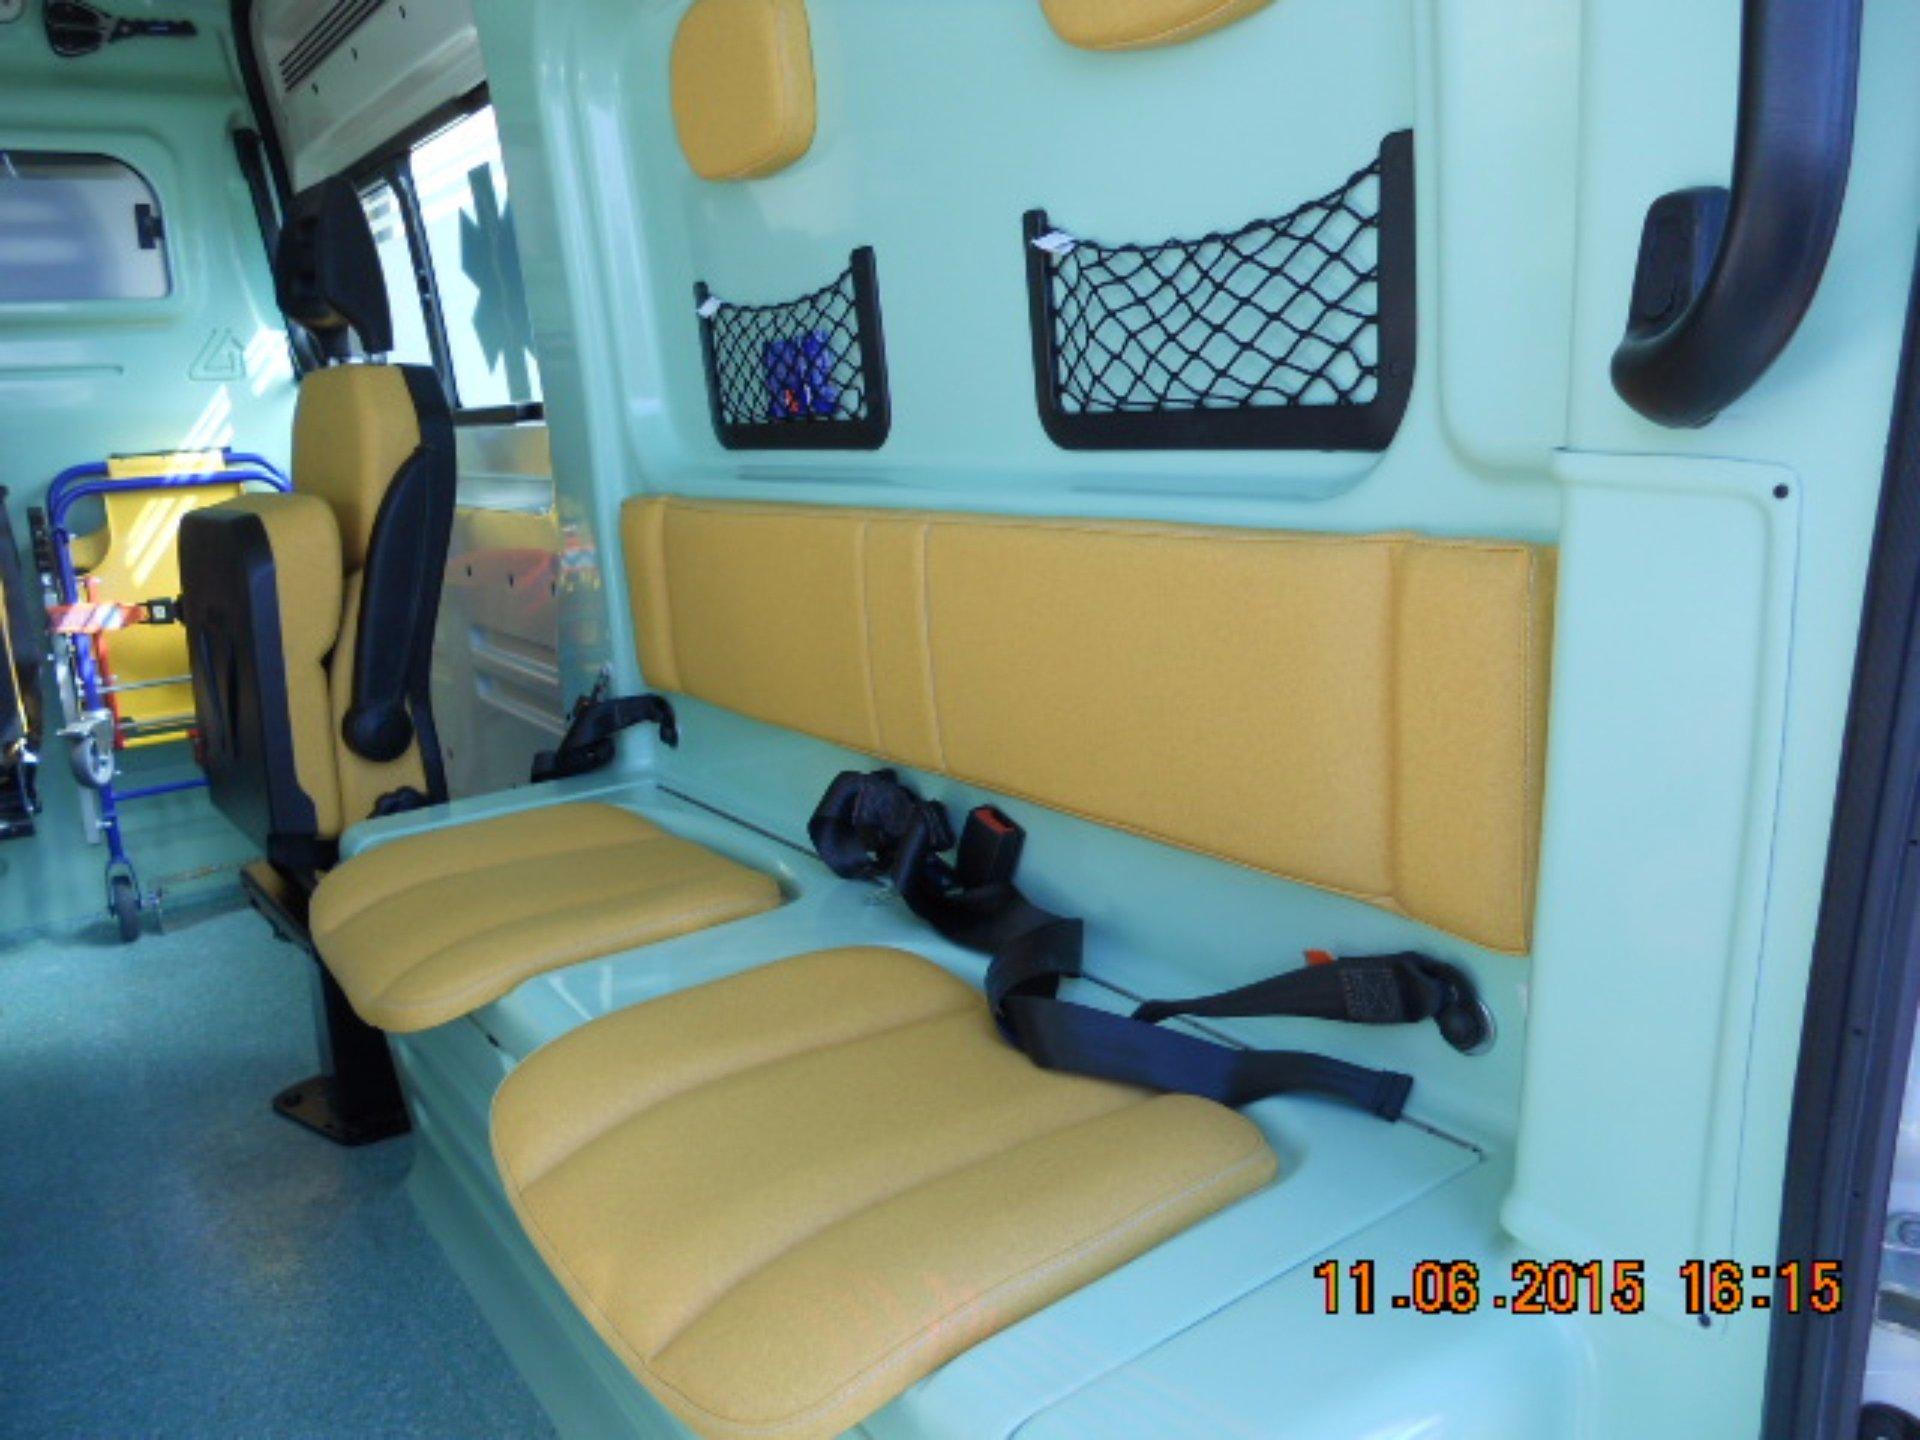 Interno dell'ambulanza  attrezzata per il trasferimento dei malati e familiari